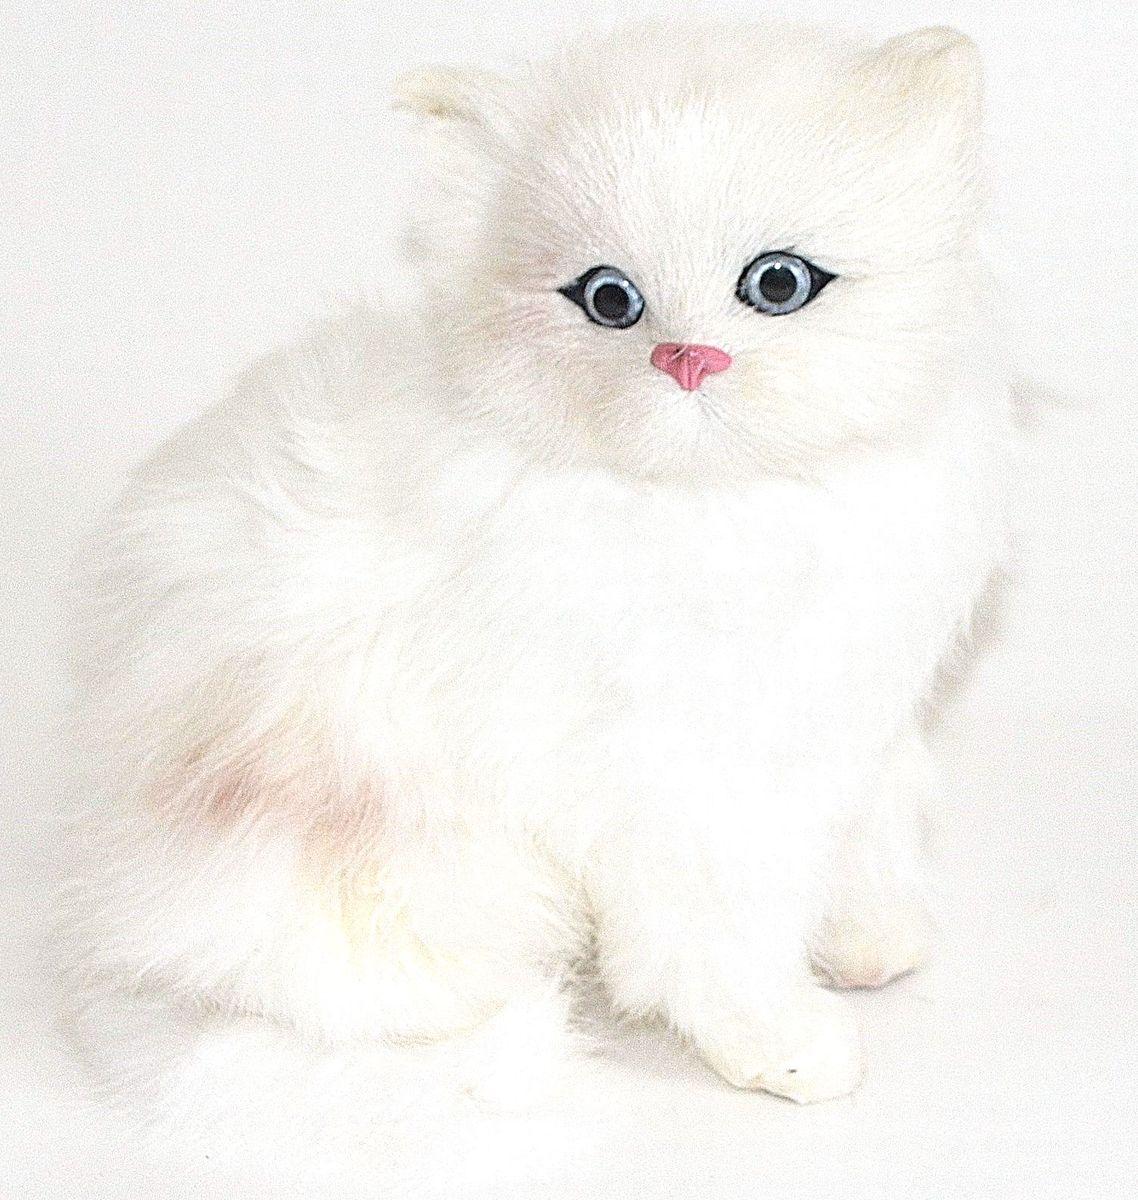 Фото - Vebtoy Фигурка Котенок сидящий цвет белый C226 vebtoy фигурка спящий котенок на коврике со звуком мяу цвет черно белый